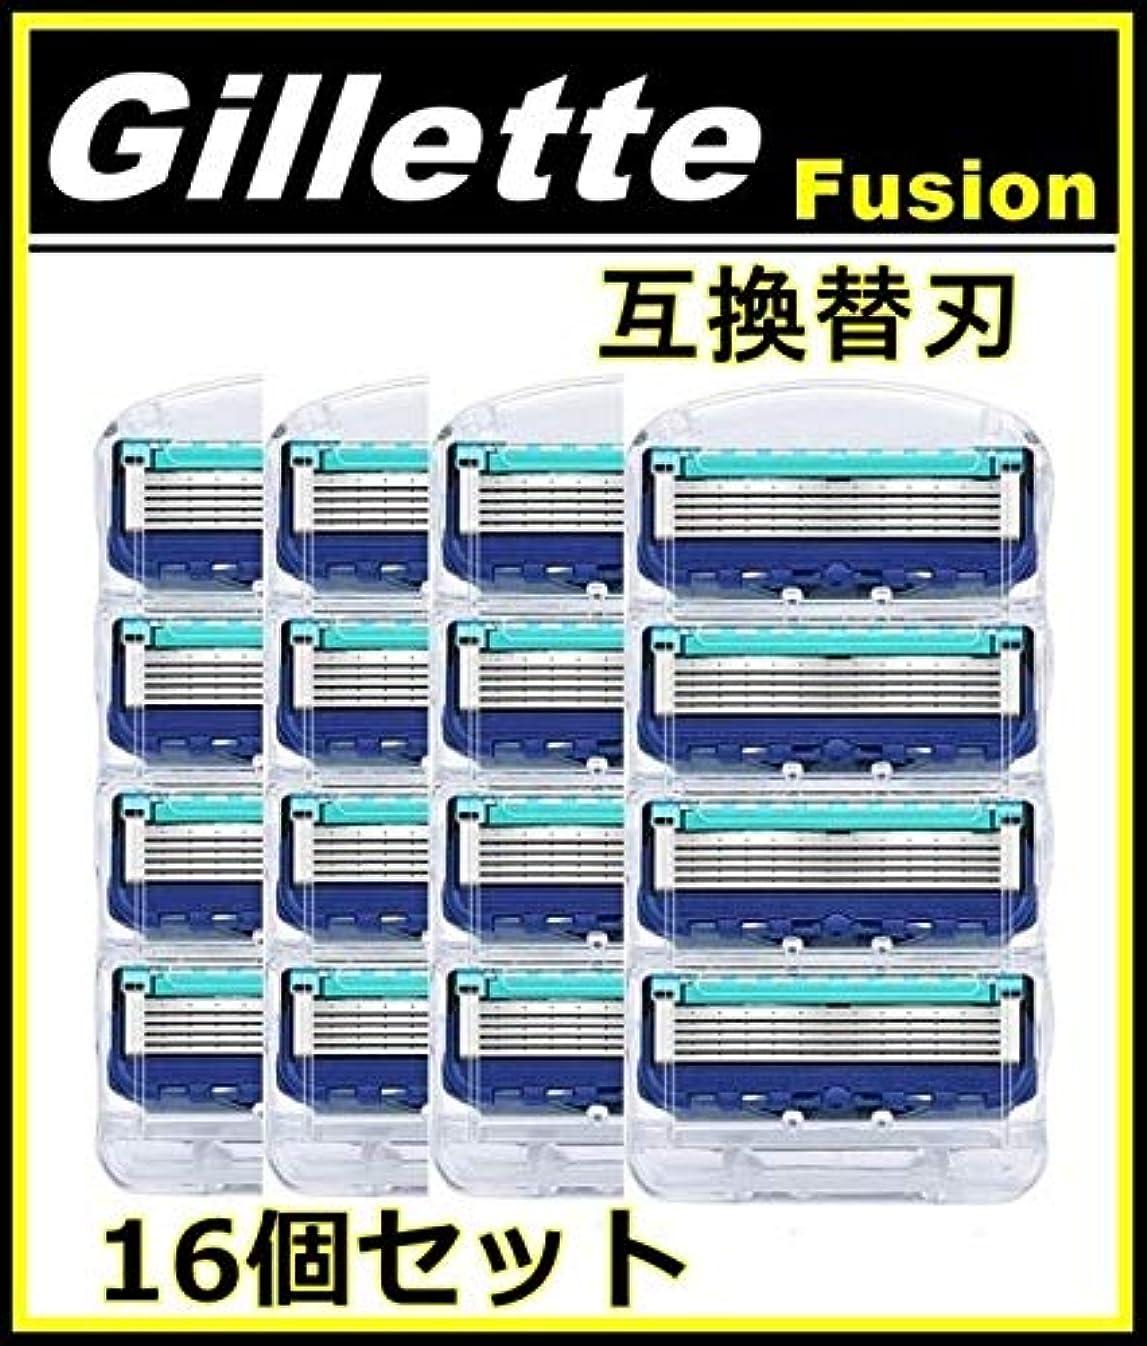 誇大妄想辞書マリンジレット フュージョン用 替刃 互換品 4セット 16個 髭剃り Gillette Fusion プログライド パワー 替え刃 ブルー